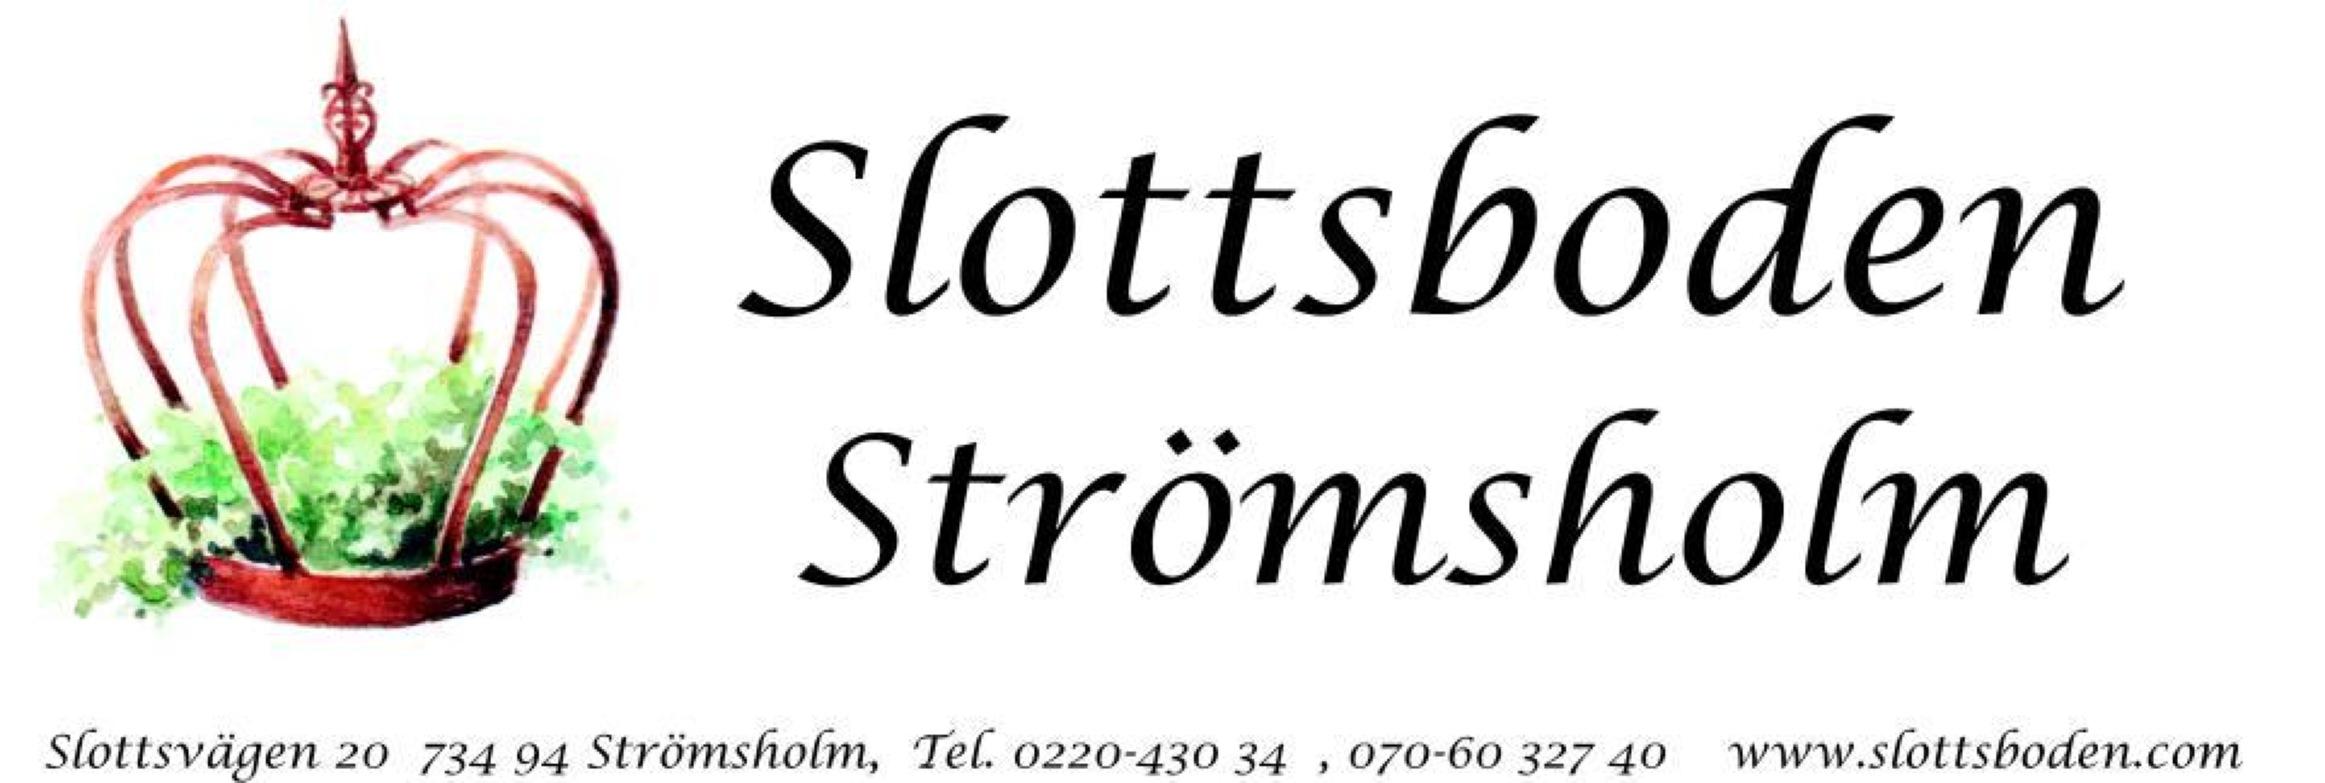 Bud To Rose - Slottsboden Strömsholm b6d9a9f6be0bc